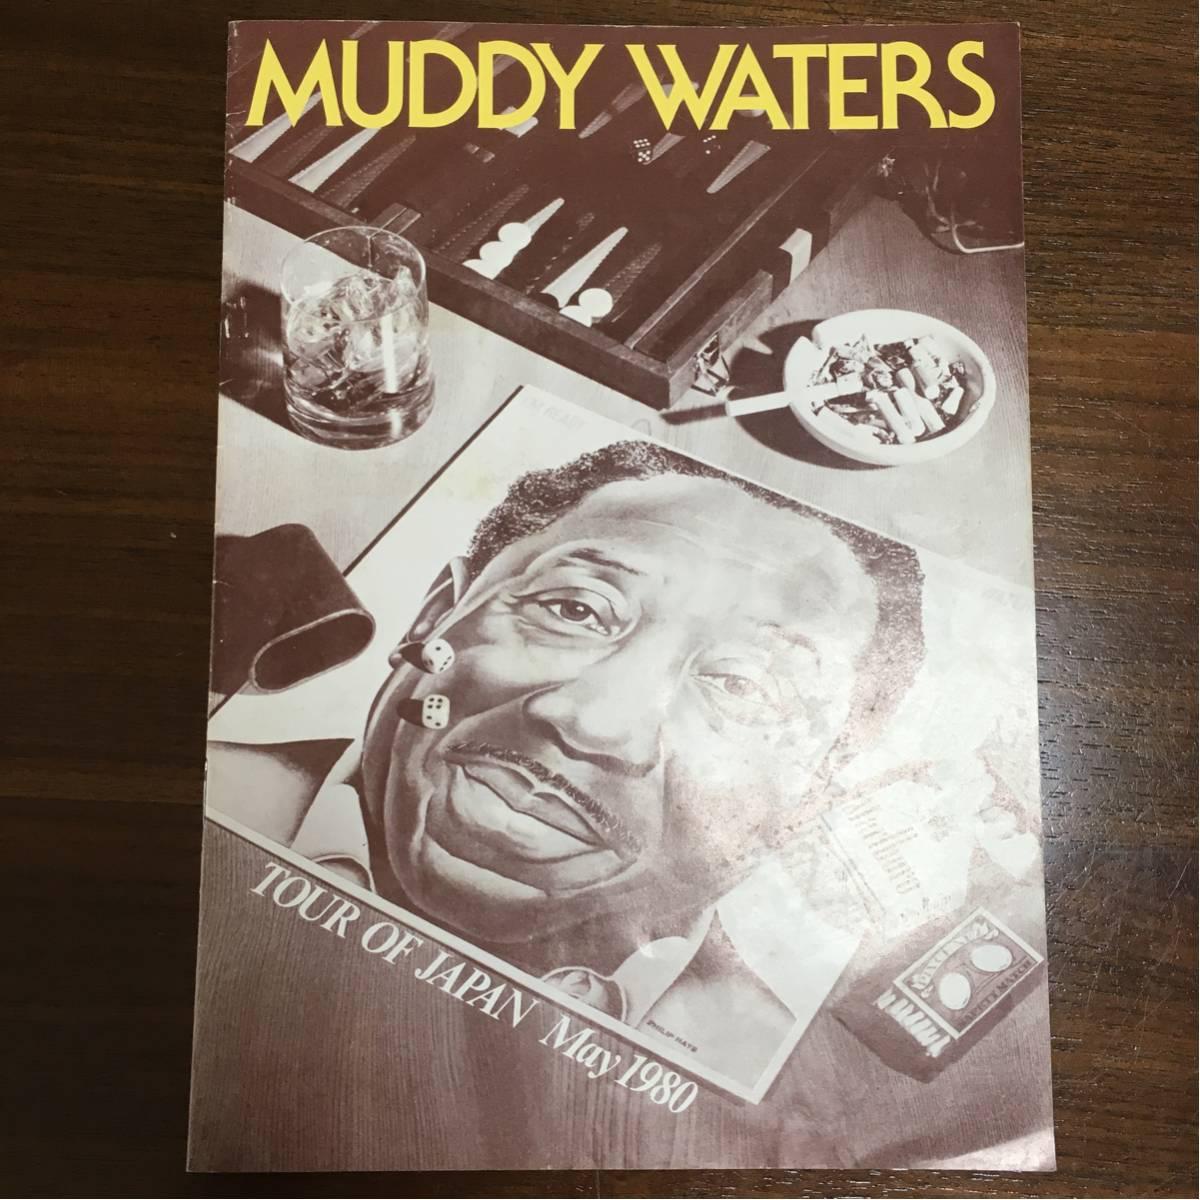 muddy waters 日本公演 1980 パンフレット マディ ウォーターズ